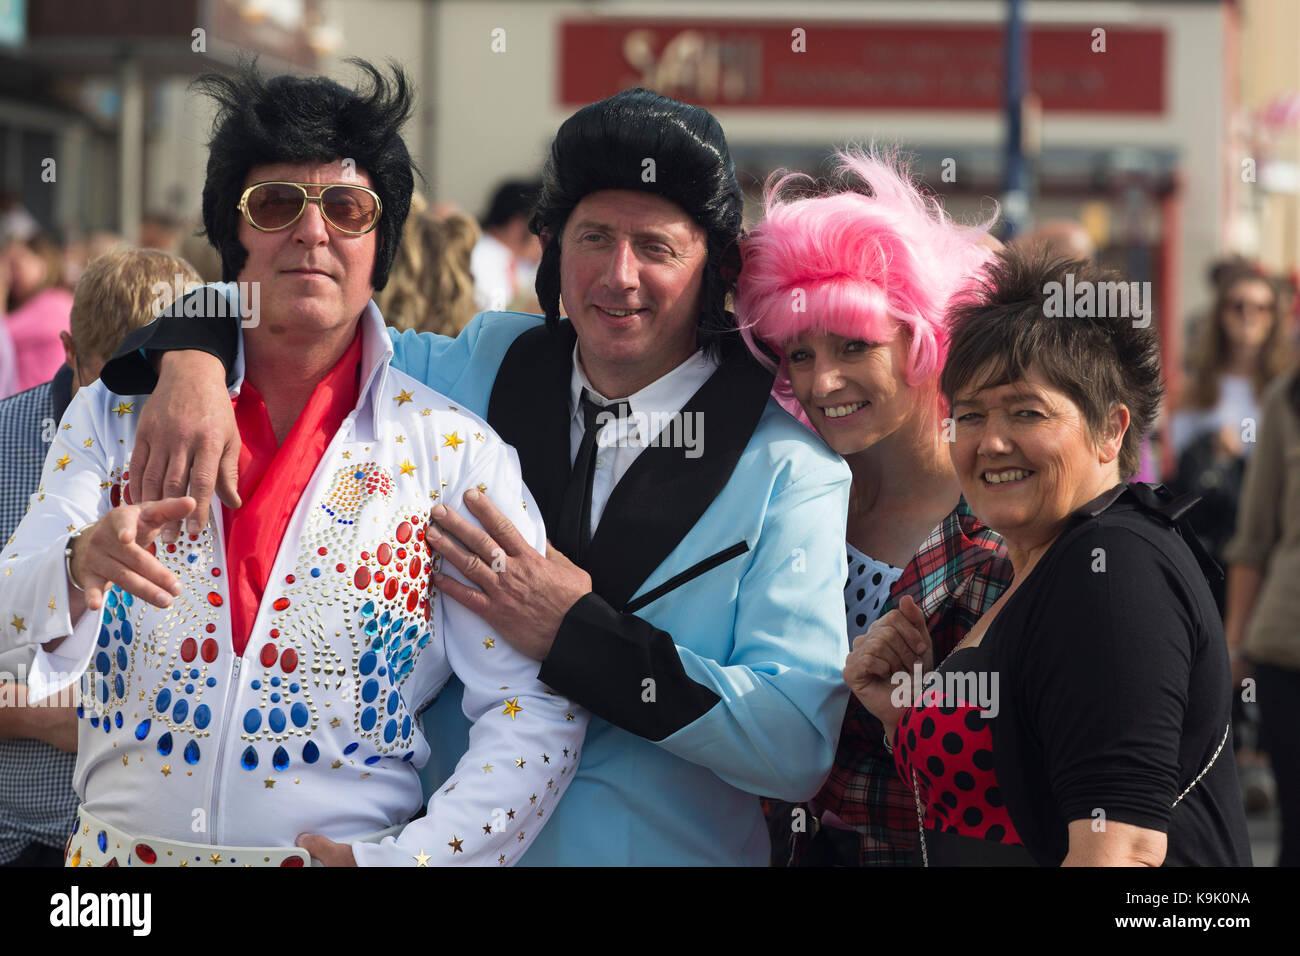 Les visiteurs déguisés en Elvis Presley Festival à Porthcawl, au Pays de Galles Photo Stock